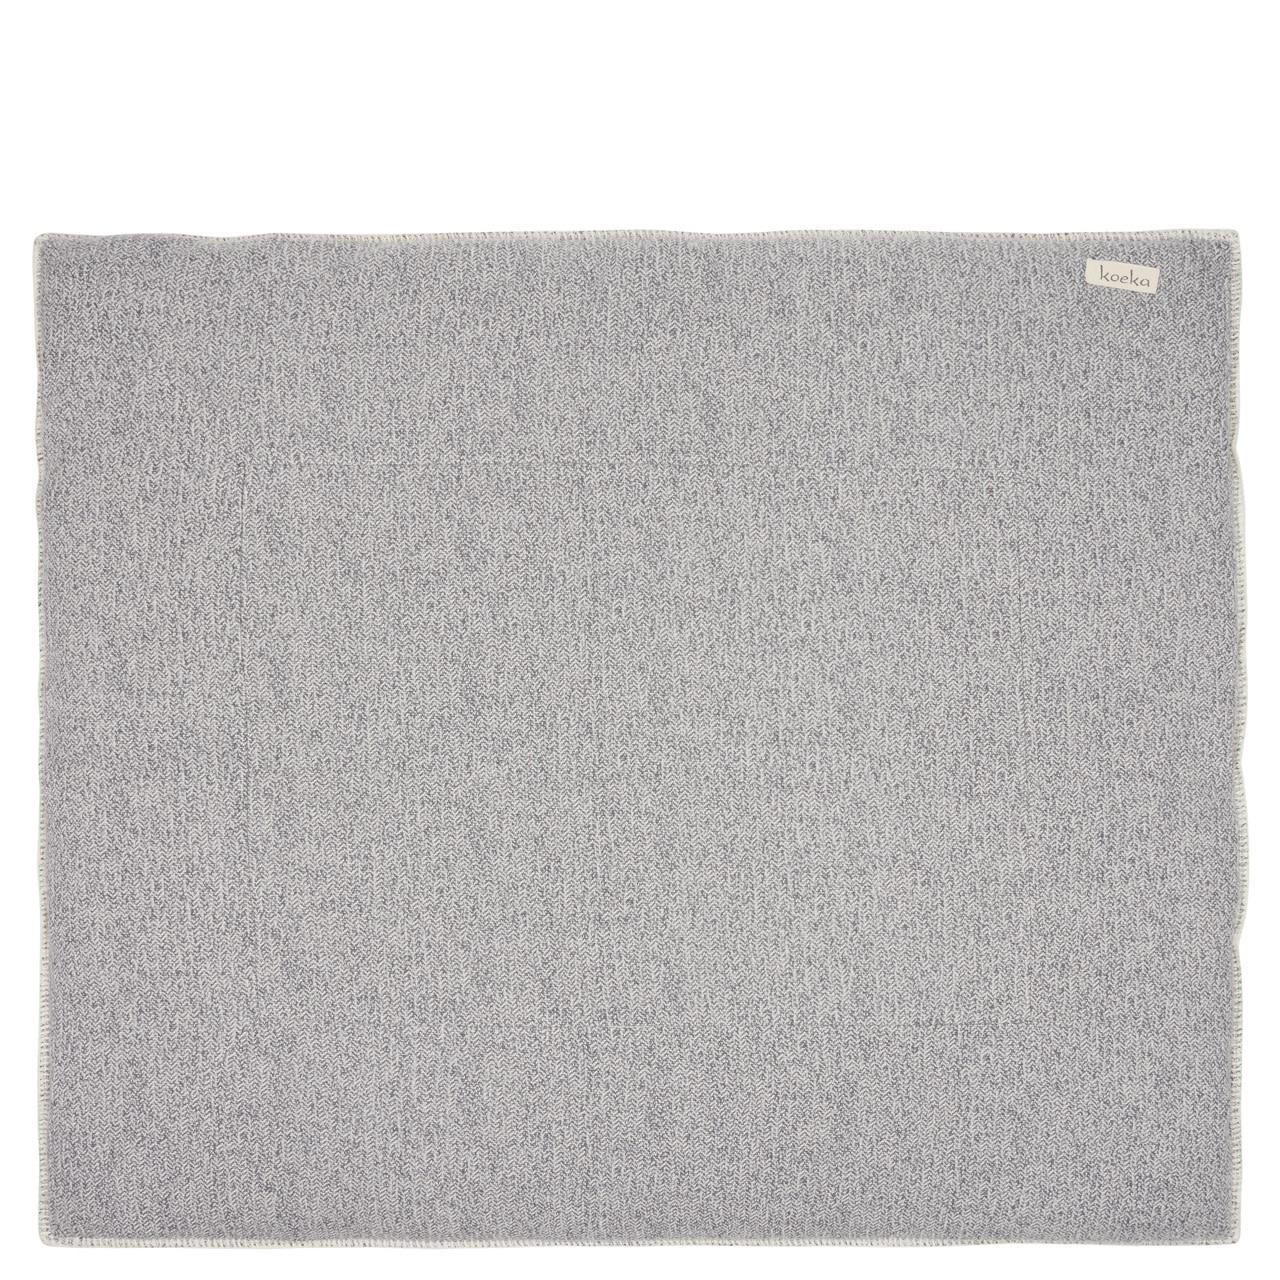 Koeka Vigo Boxkleed Sparkle Grey/Sparkle Grey